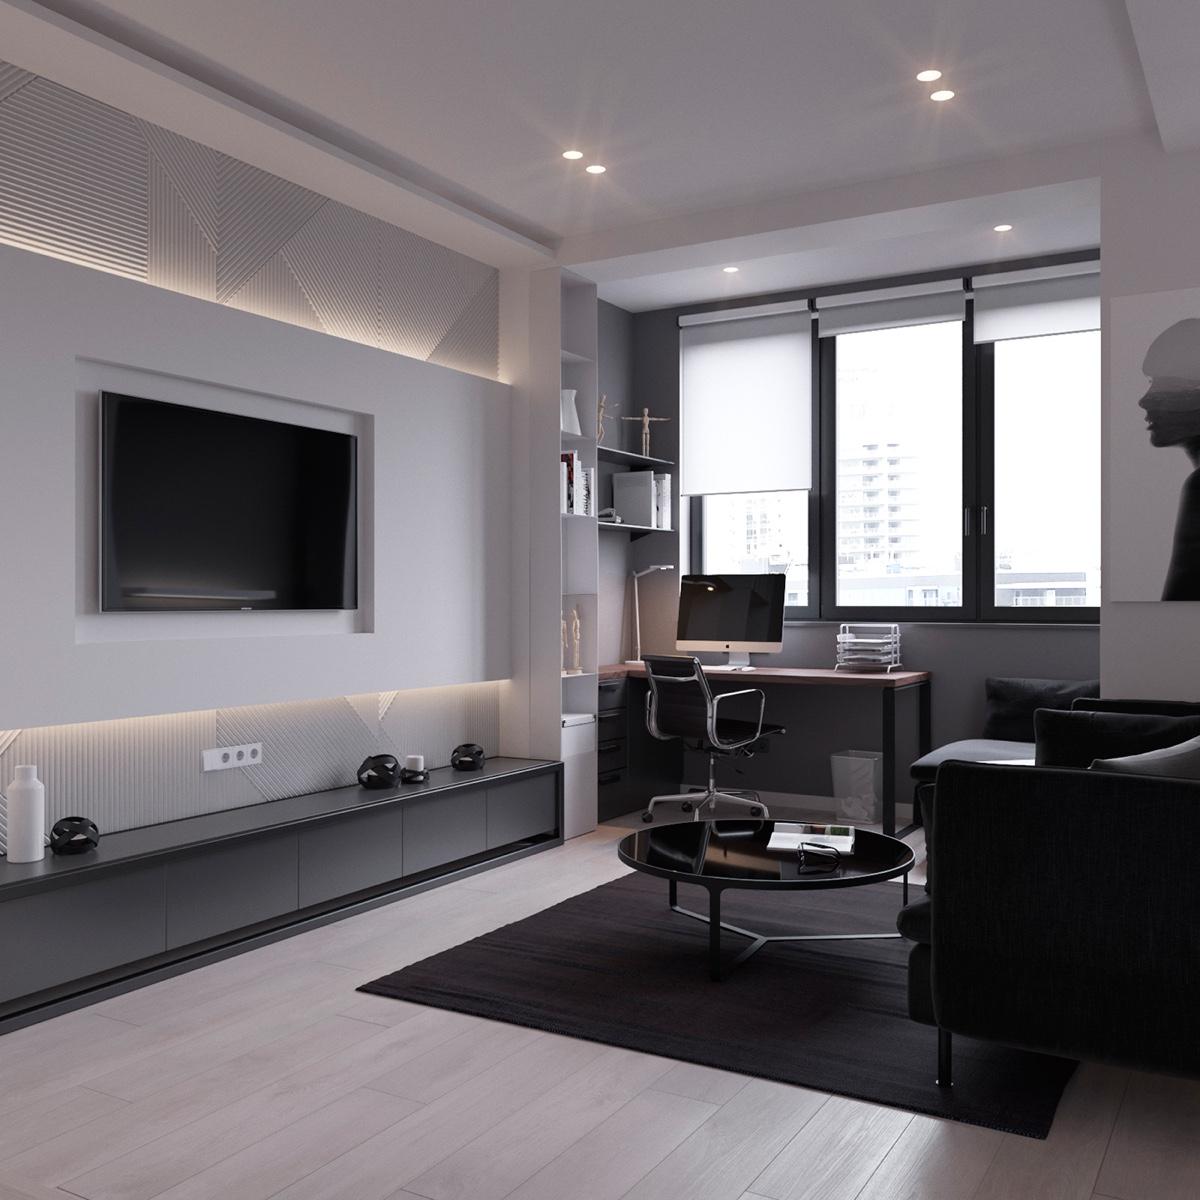 Thích mê 3 căn hộ hiện đại với diện tích khiêm tốn dưới 50m2 - Ảnh 8.